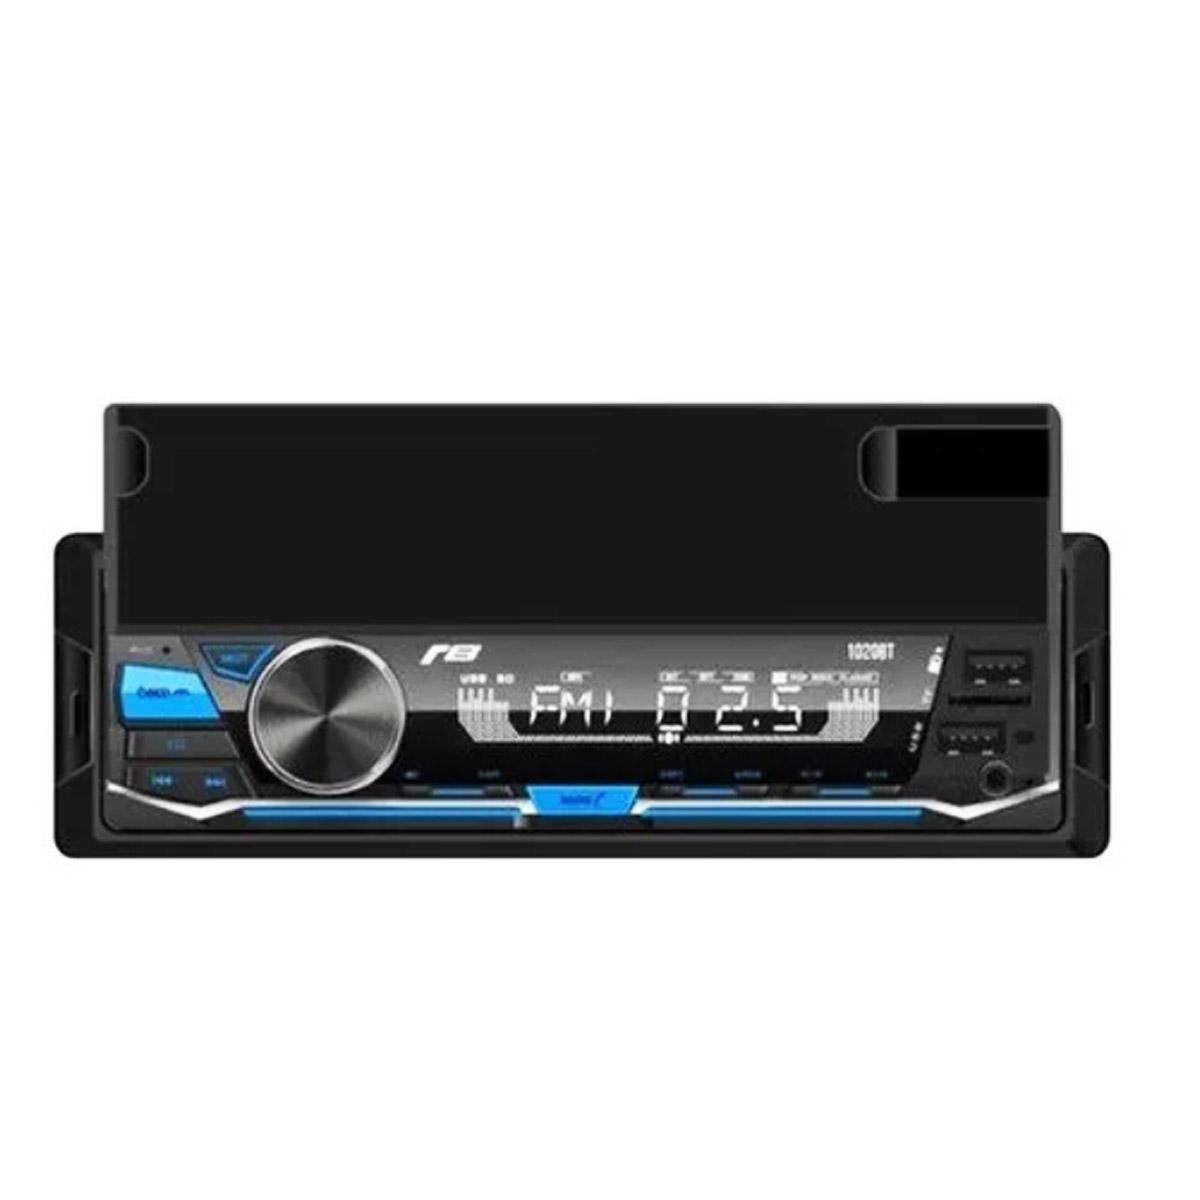 Auto Rádio Automotivo JR8  Suporte para Celular USB SD Bluetooth 1020BT